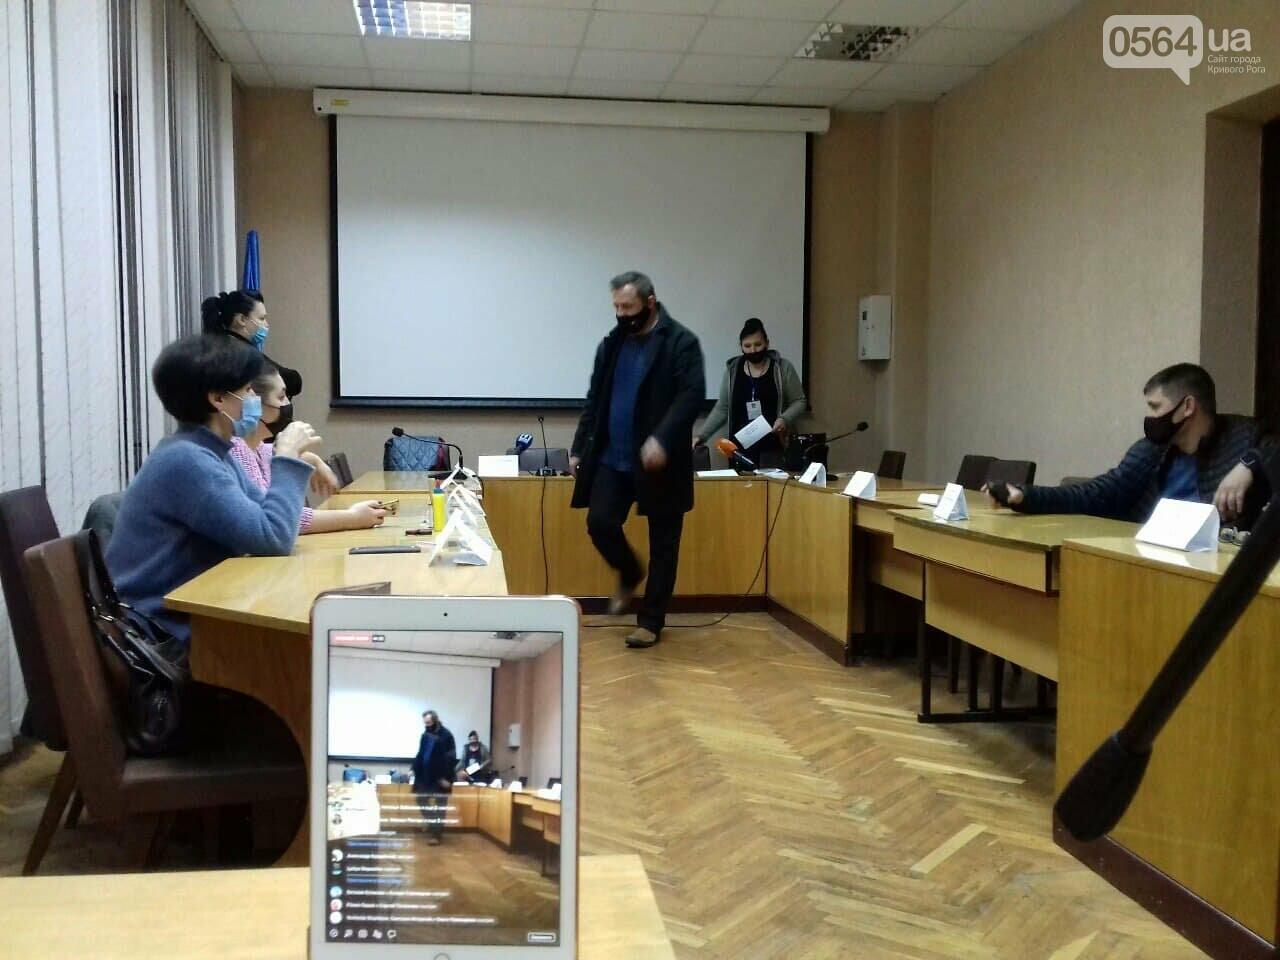 В Кривом Роге проходит заседание ГИК, - ПРЯМАЯ ТРАНСЛЯЦИЯ, фото-5